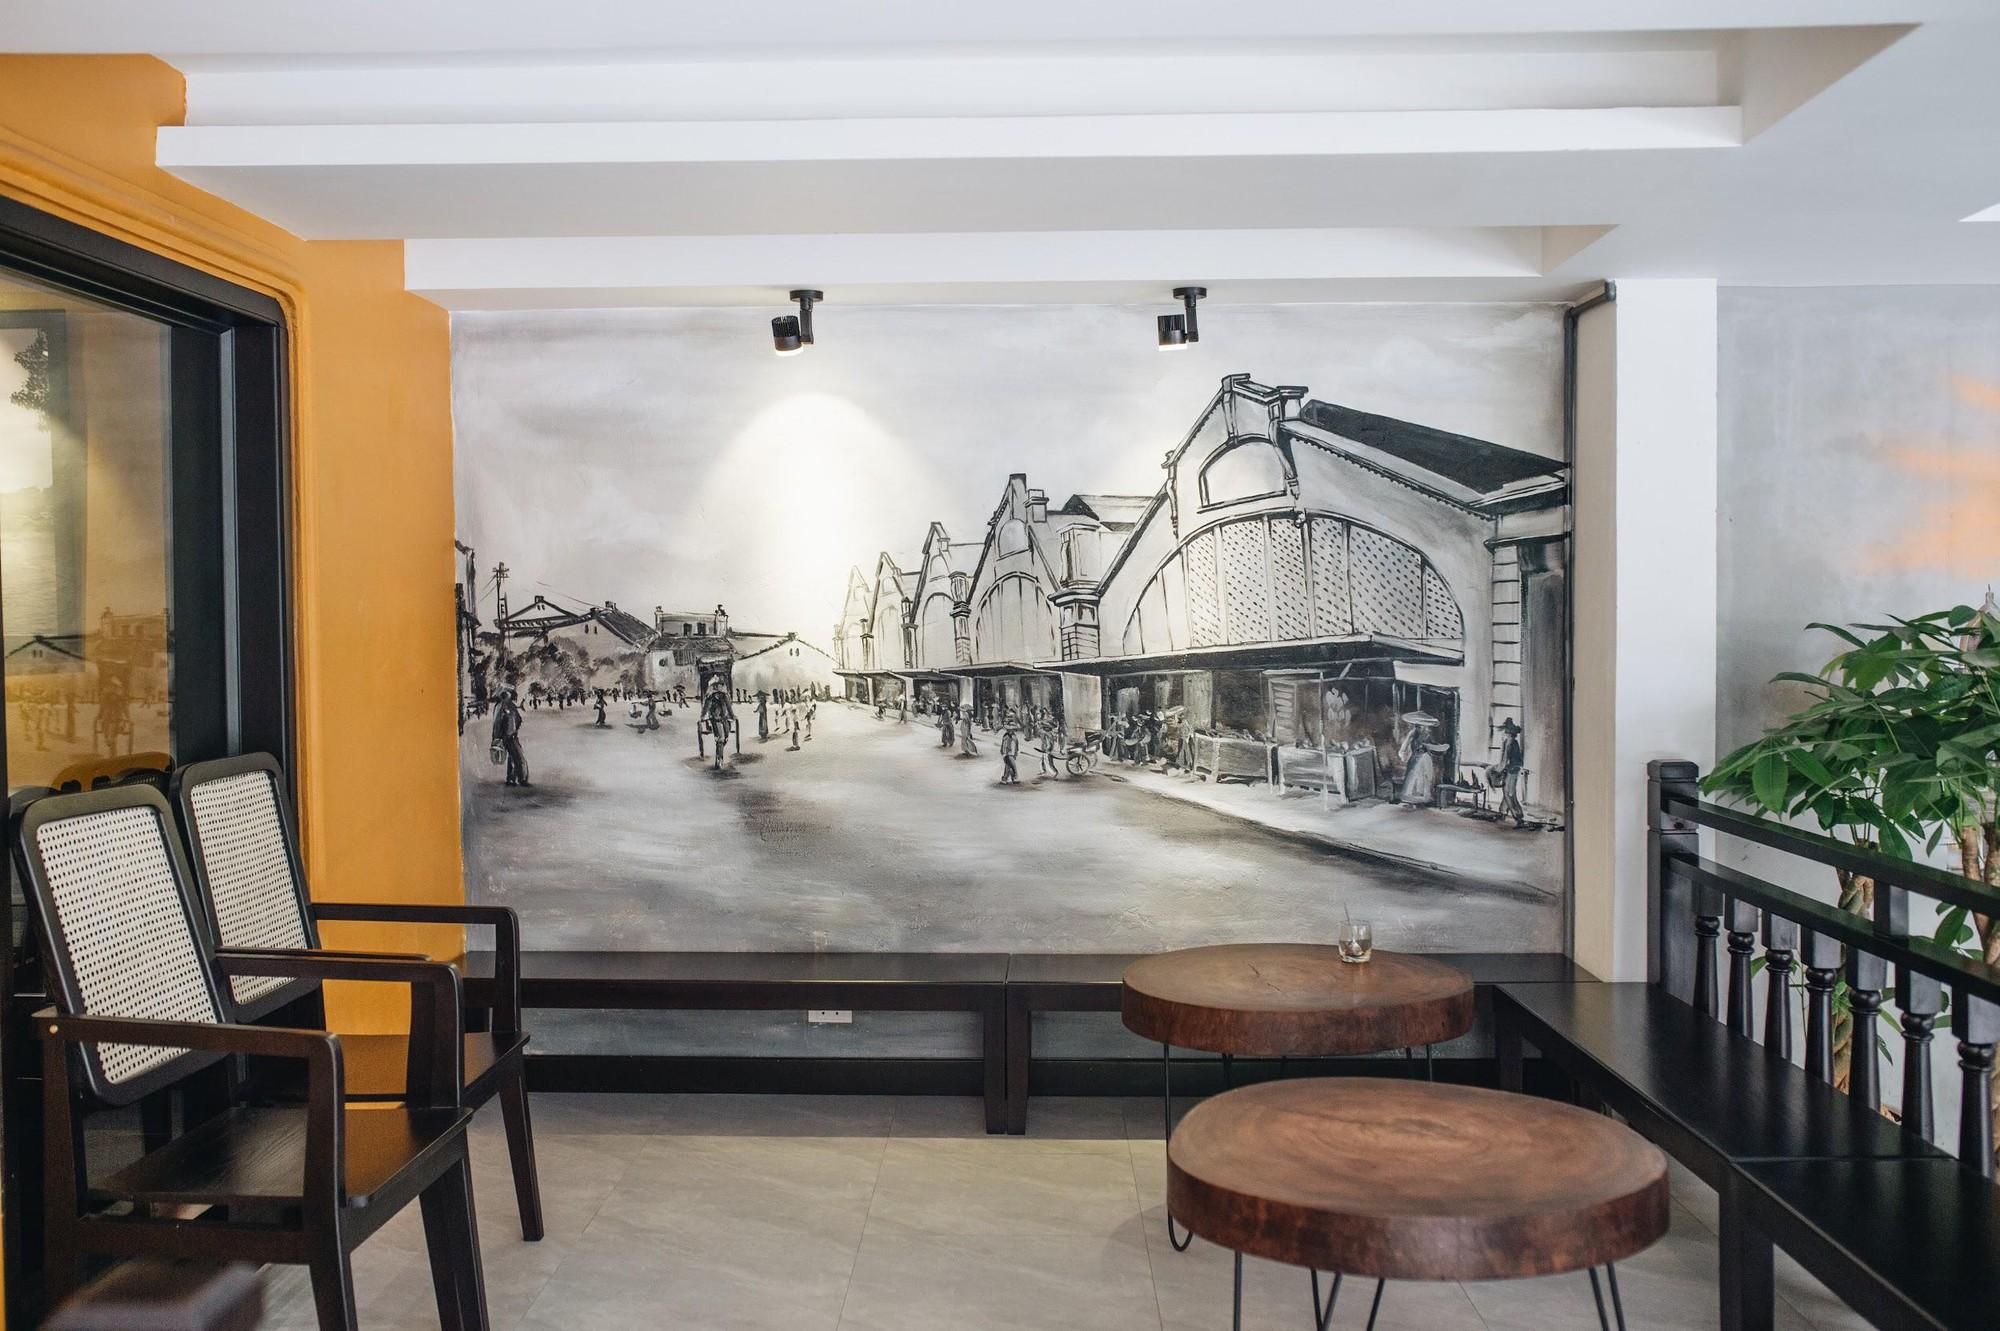 Ngược dòng thời gian cùng Phở Cội: Tìm phong vị phở giữa không gian nhà hàng ấm áp, gợi nét đẹp xưa Hà Nội - Ảnh 11.